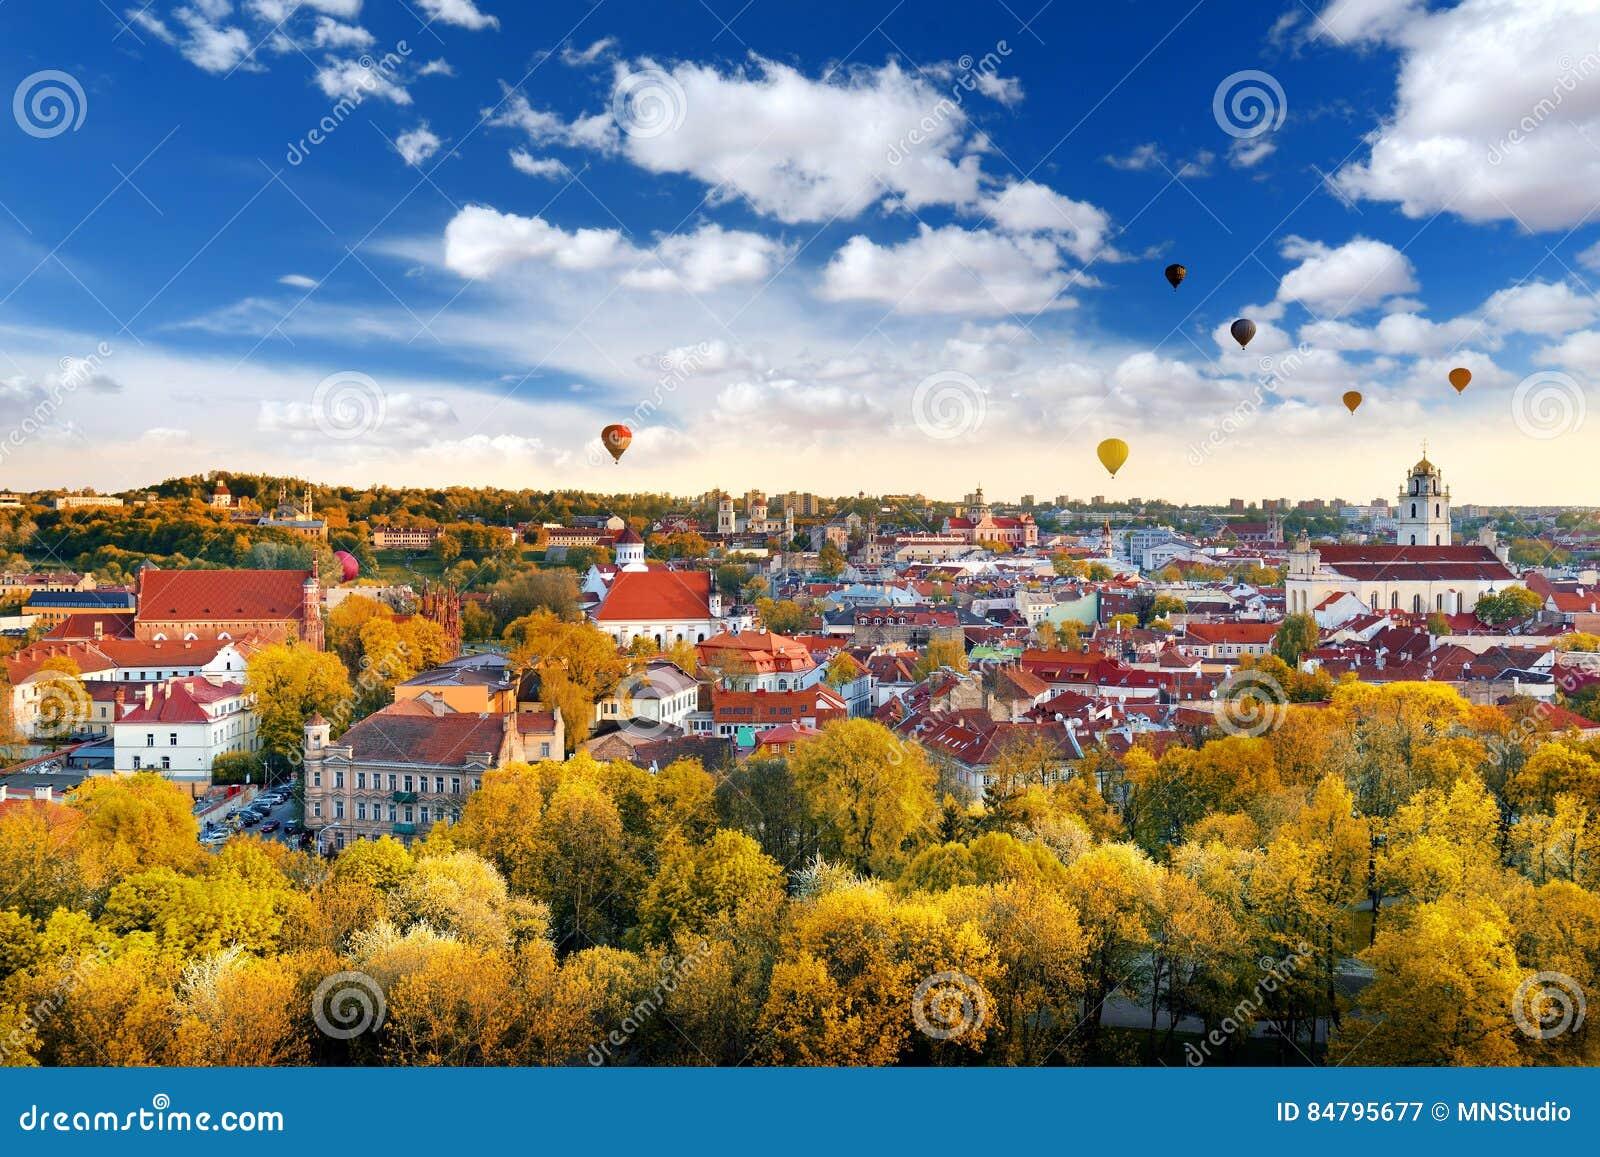 Όμορφο πανόραμα φθινοπώρου της παλαιάς πόλης Vilnius με τα ζωηρόχρωμα μπαλόνια ζεστού αέρα στον ουρανό